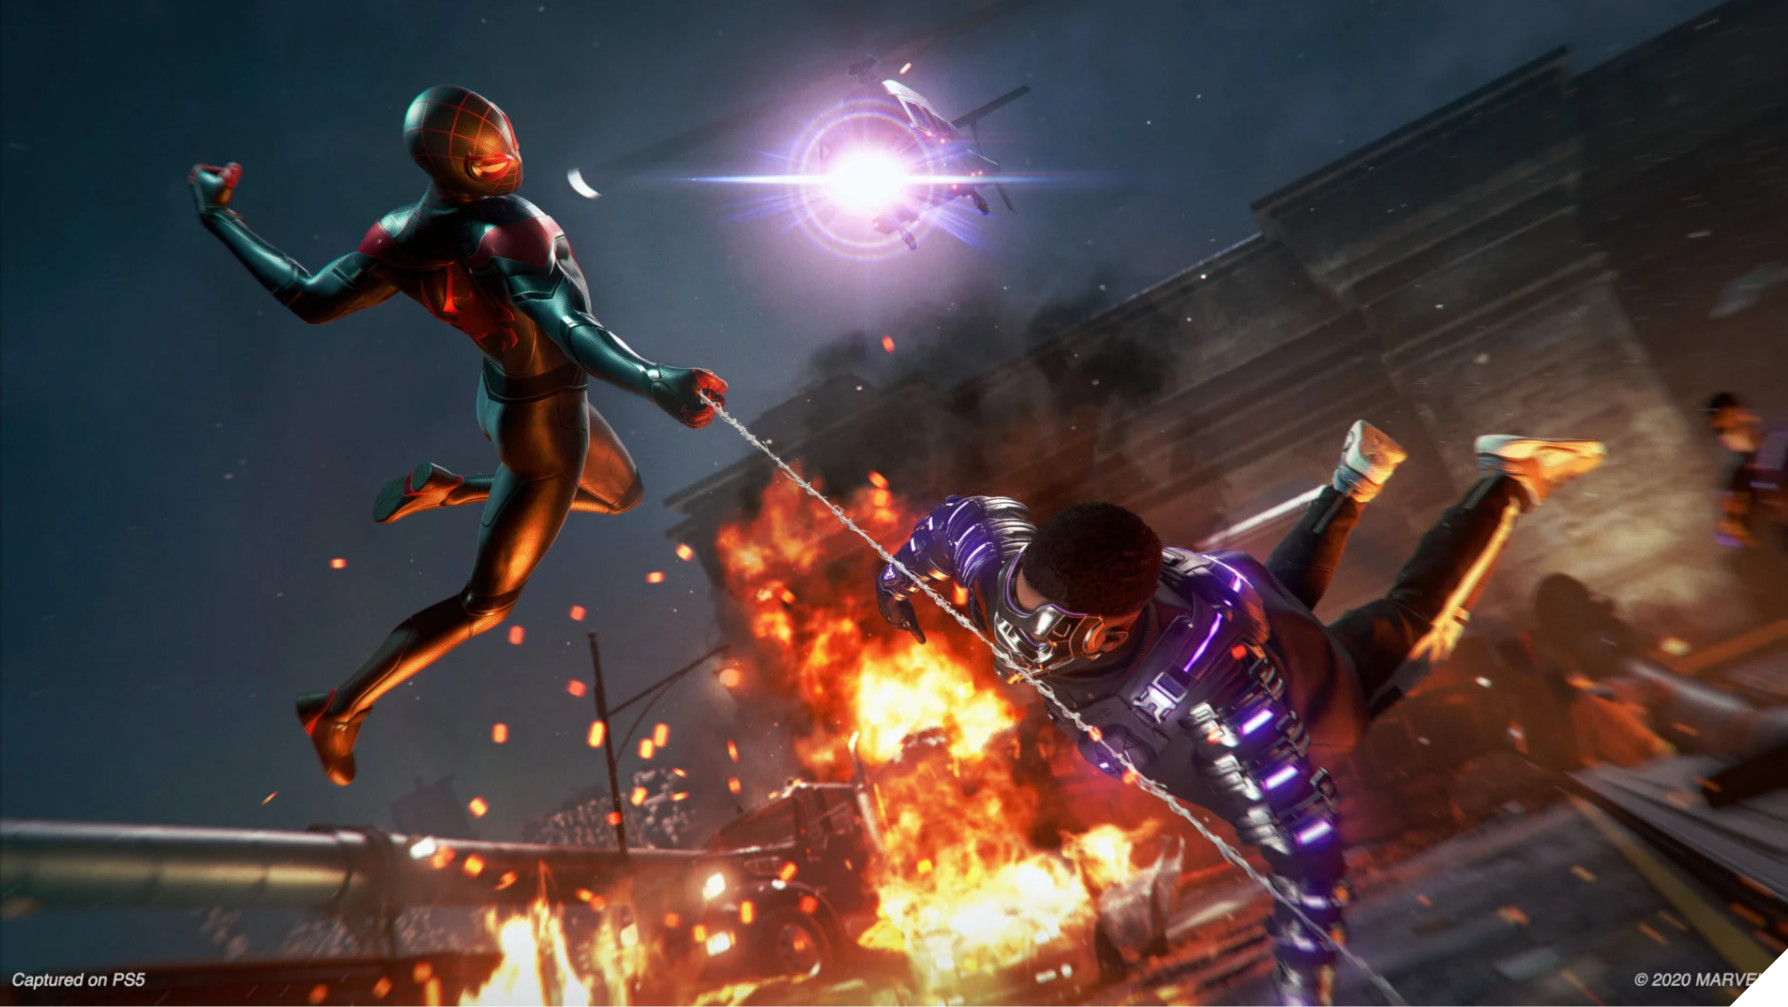 《漫威蜘蛛侠》开发商打造新作 含有多人模式